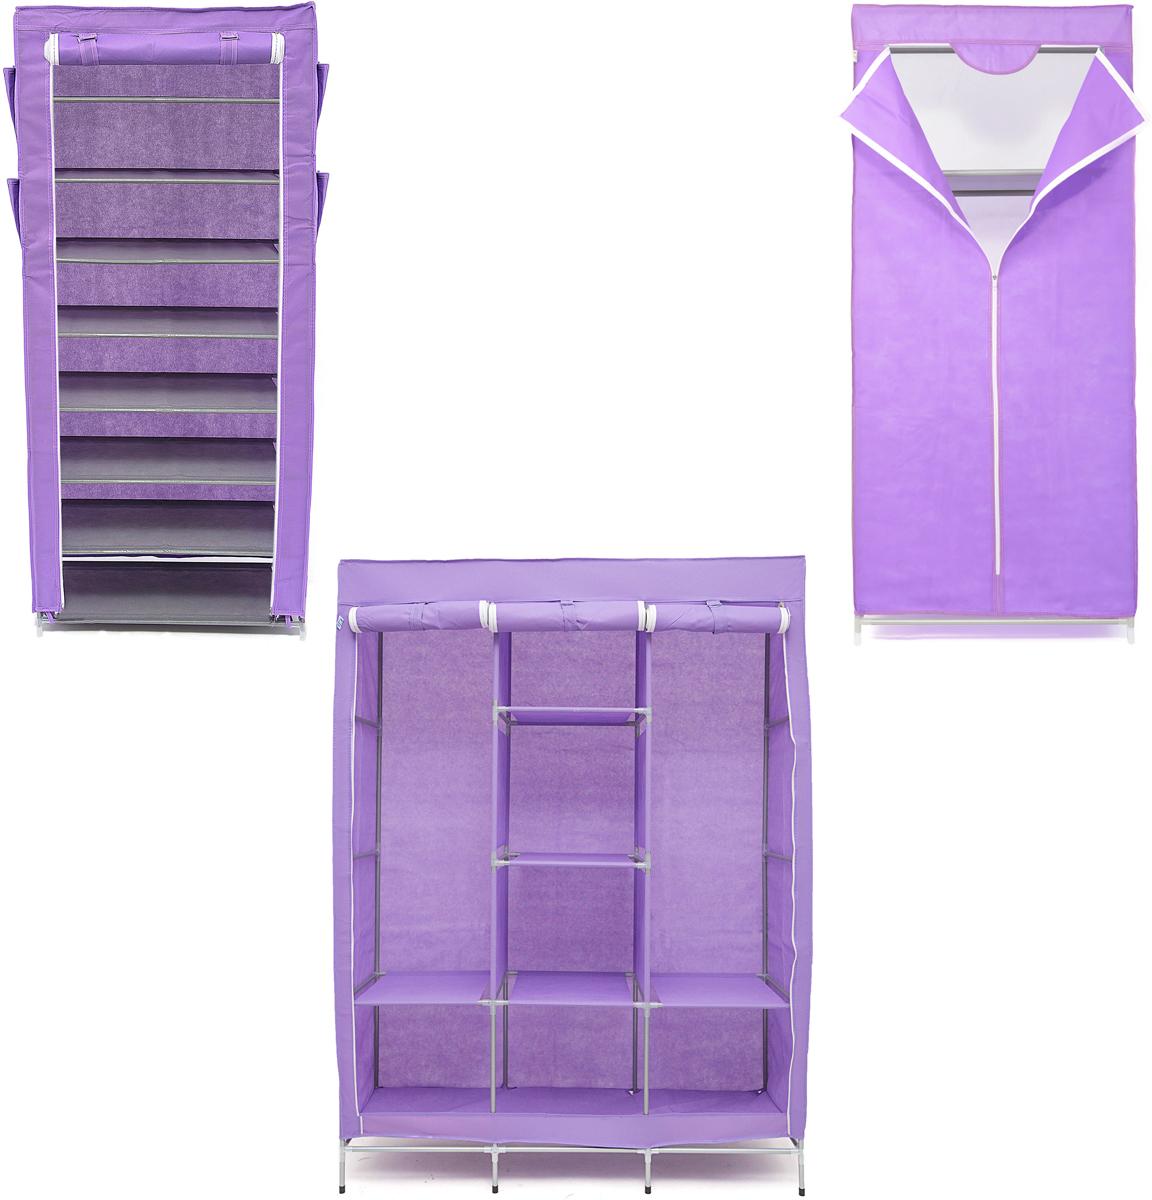 Набор кофров для хранения Homsu, универсальный, цвет: фиолетовый, 3 штCLP446Уникальный дизайн этого комплекта станет настоящим украшением для любого интерьера. Практичная составляющая подобной мебели также вне сомнений. Лёгкие и прочные устойчивые конструкции из каркасов и тканевой обивки могут быть легко собраны вами без посторонней помощи, буквально за несколько минут.Такая мебель будет всегда удобной и максимально практичной, ведь верхнюю тканевую часть при надобности можно всегда постирать либо же попросту поменять на аналогичную другого цвета. Кроме того, такие конструкции всегда будут отличным решением для того, кому по душе мобильность и постоянная смена обстановки. 1300х450х1720; 680х450х1550; 600х300х1360